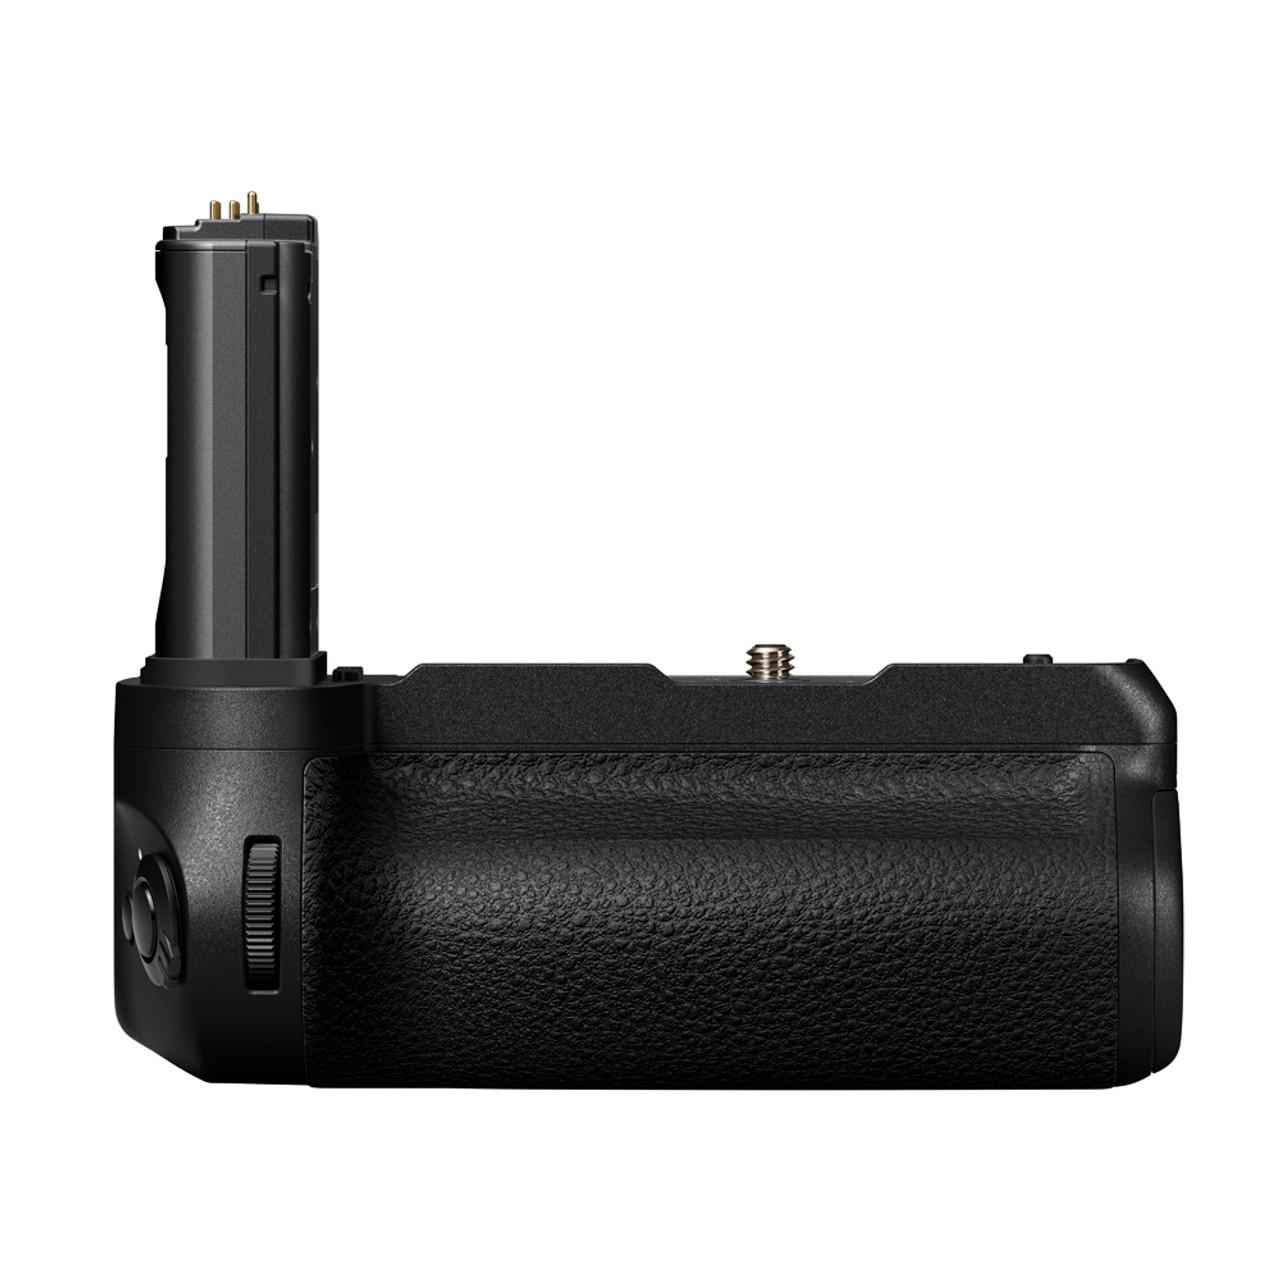 NIKON MB-N11 MULTI POWER BATTERY PACK